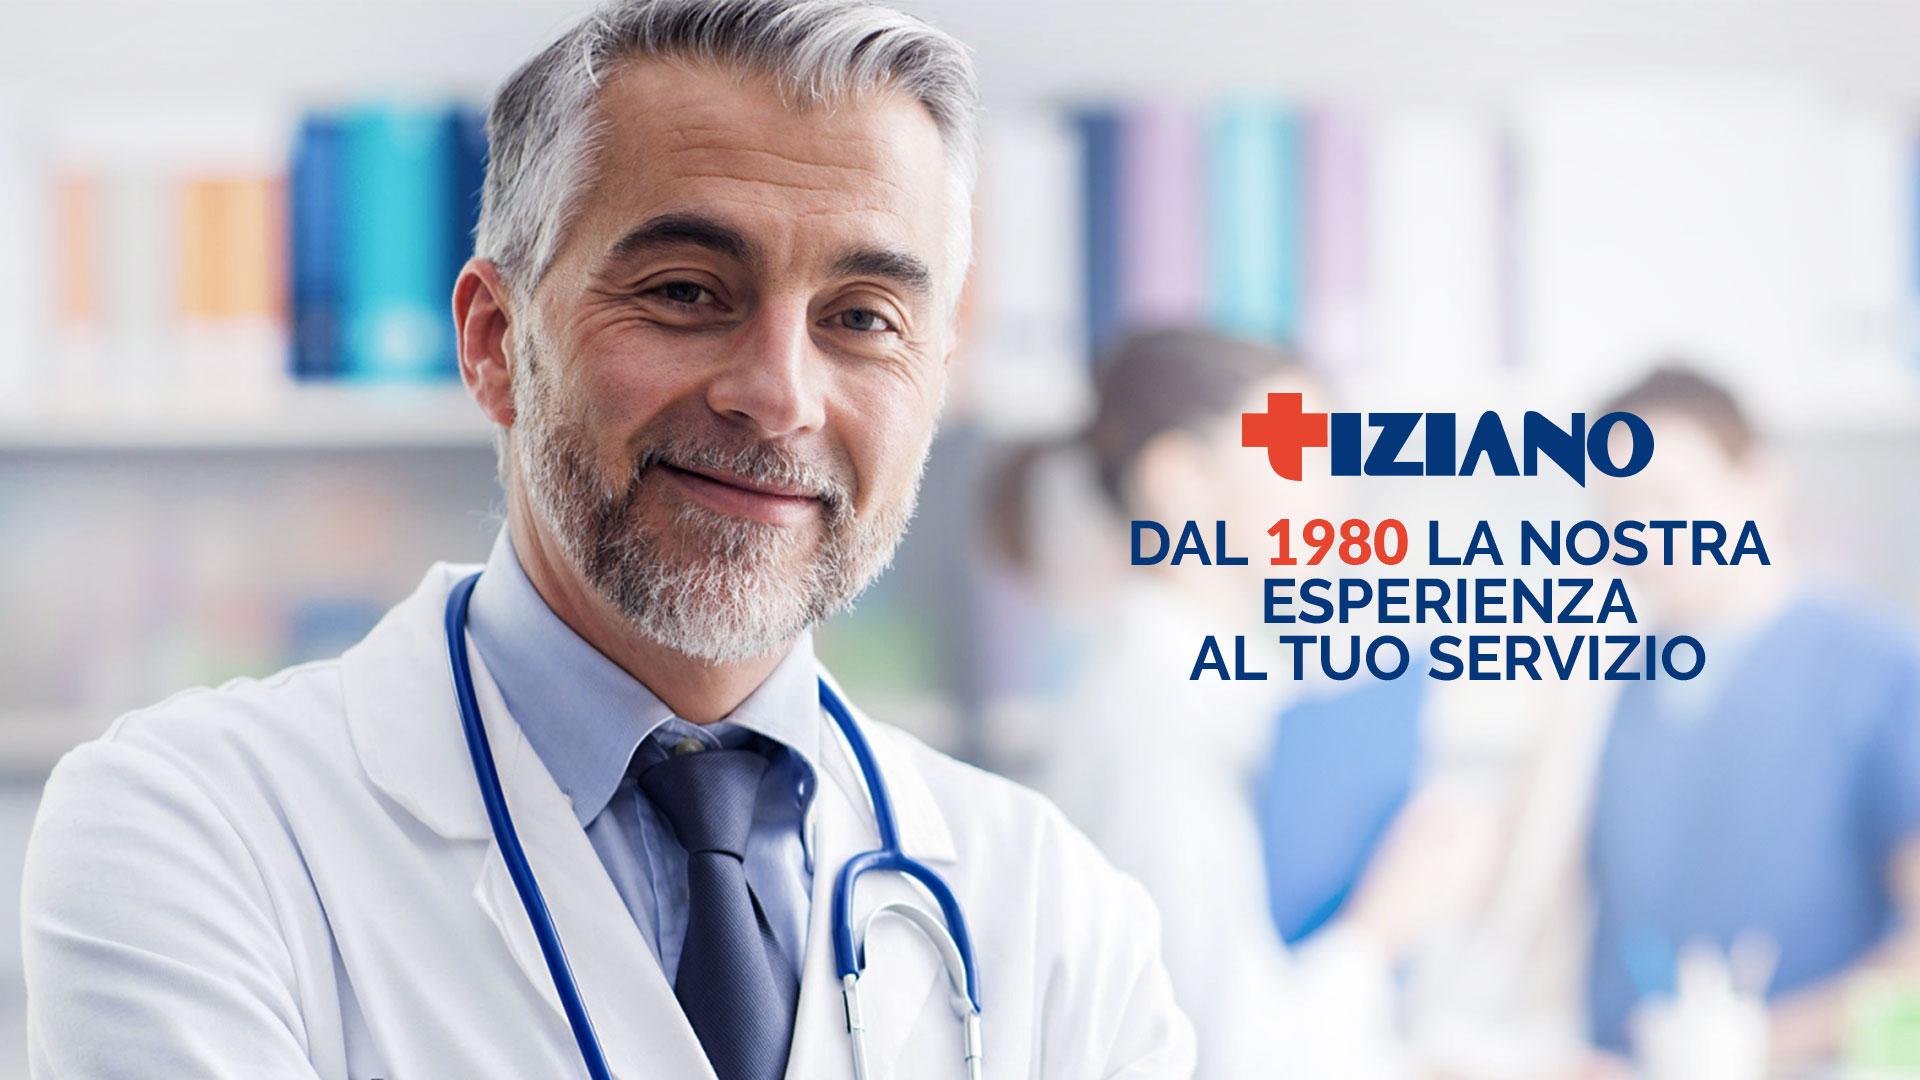 centro medico tiziano roma